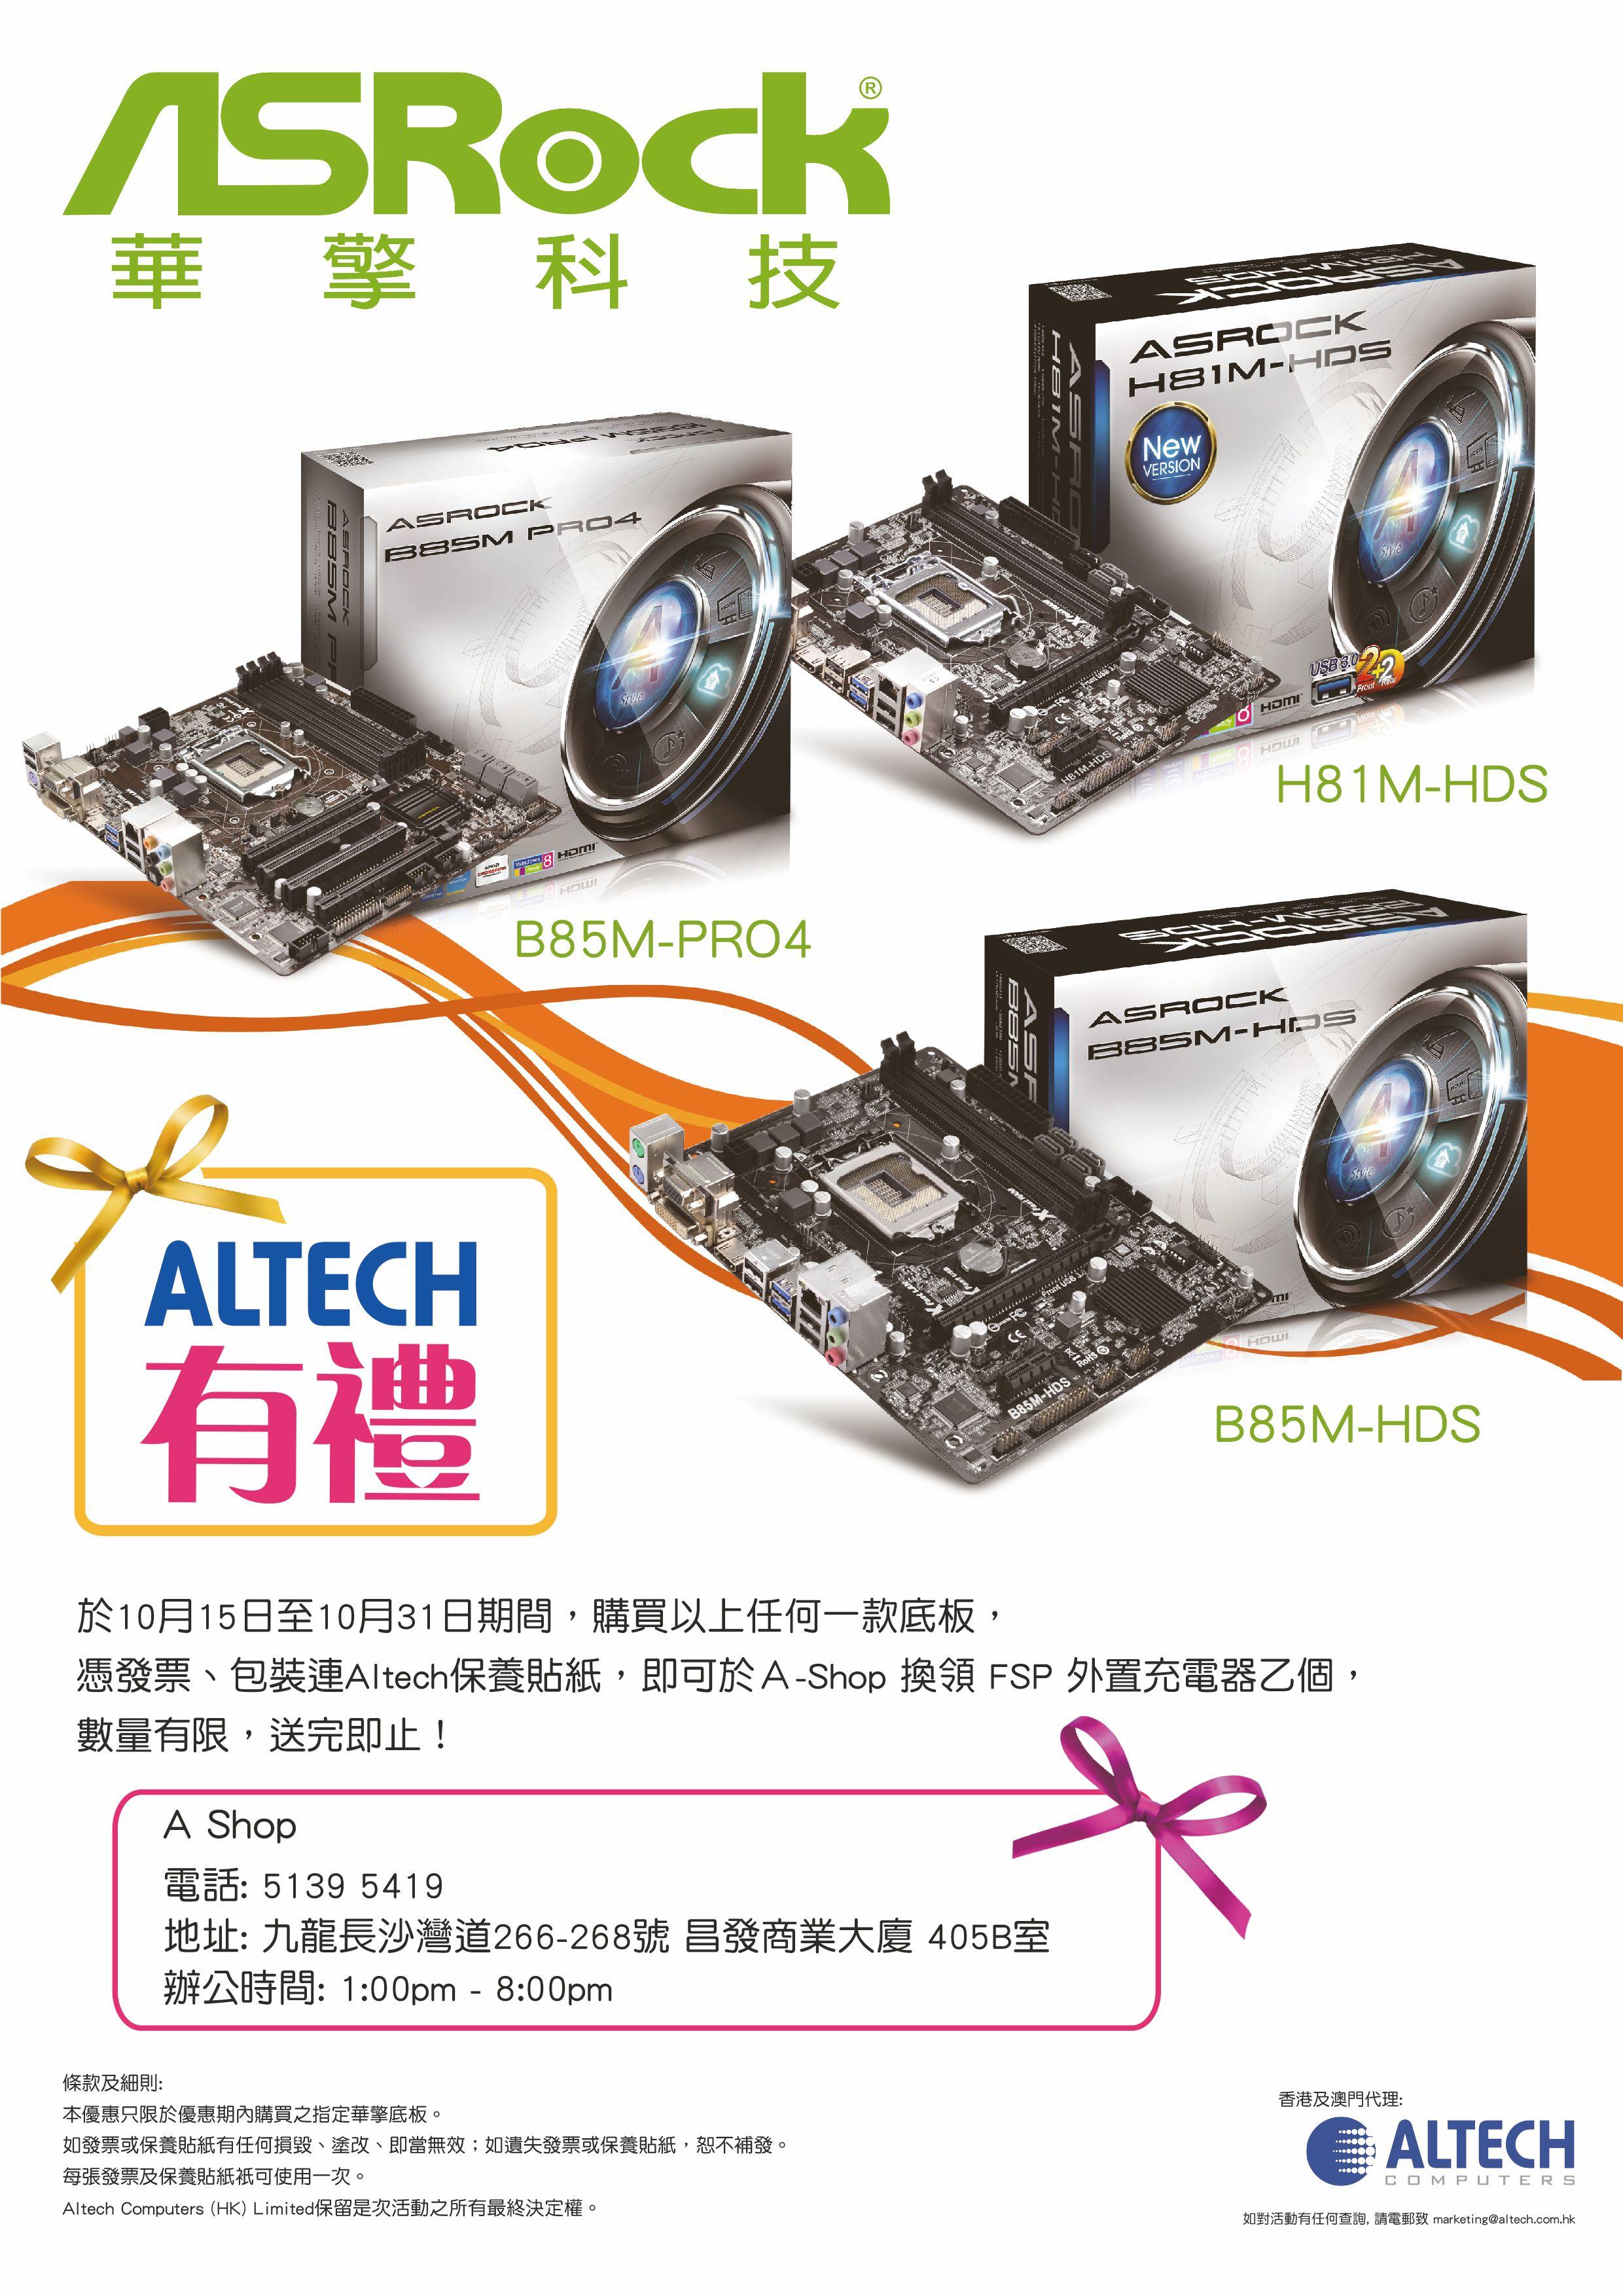 「Altech 有禮」購買 ASRock 主機板 即送你 FSP 外置充電器 - 電腦領域 HKEPC Hardware - 全港 No.1 PC網站